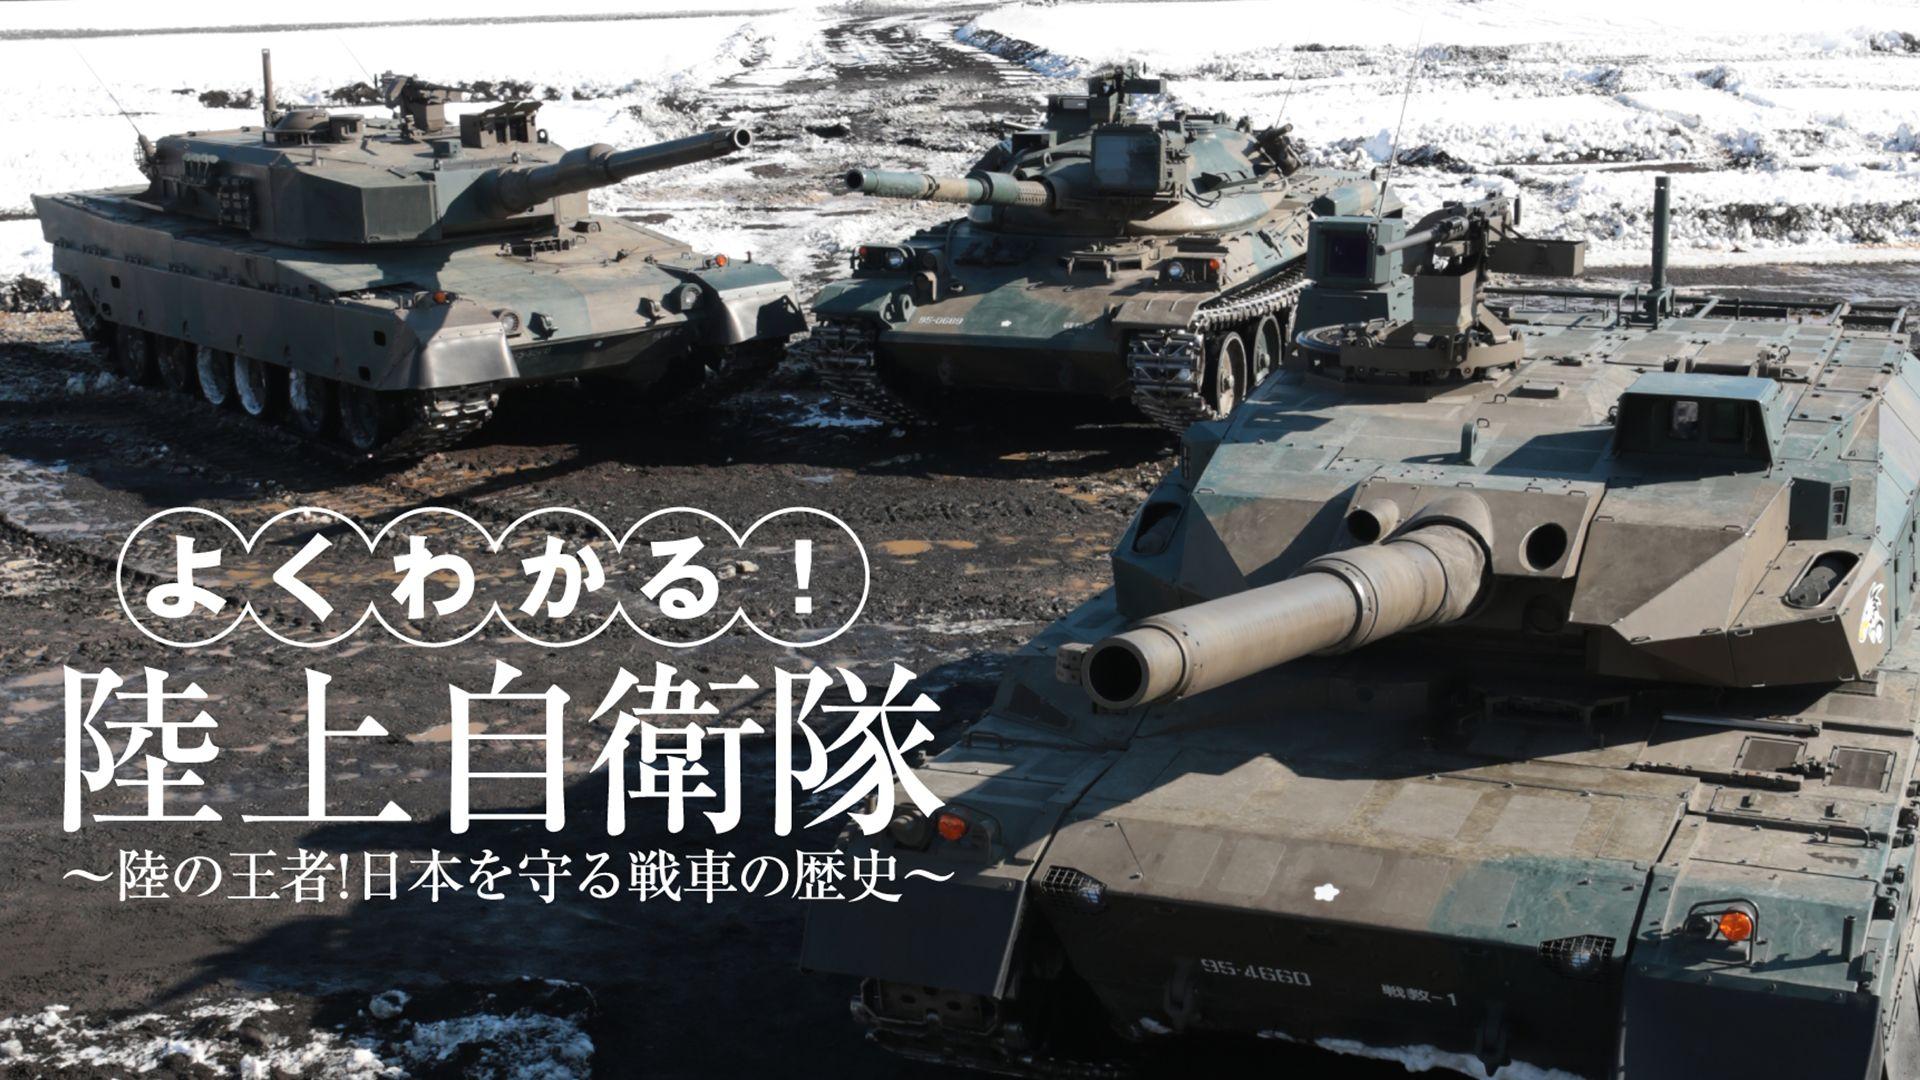 よくわかる!陸上自衛隊〜陸の王者!日本を守る戦車の歴史〜